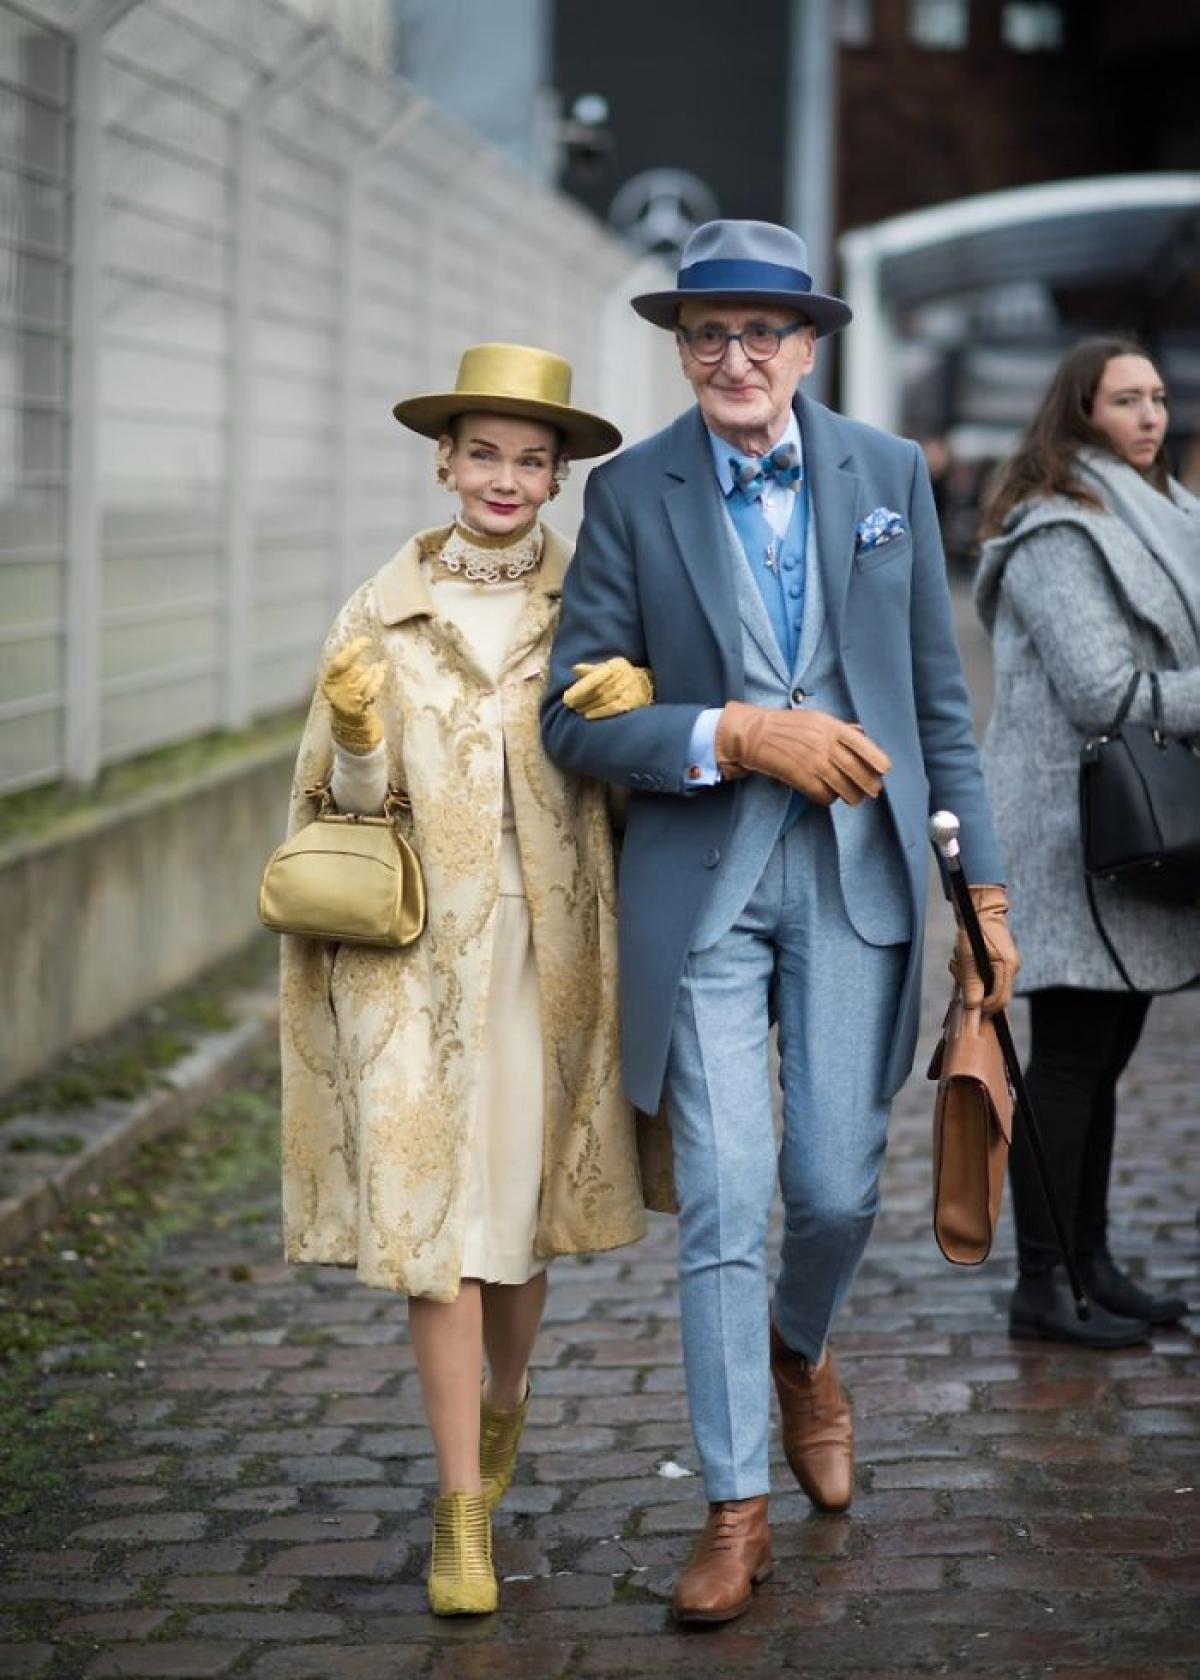 Đôi vợ chồng người ĐứcBritt Kanja và Gunther Krabbenhoft luôn là tâm điểm sự chú ý mỗi khi họ xuất hiện.